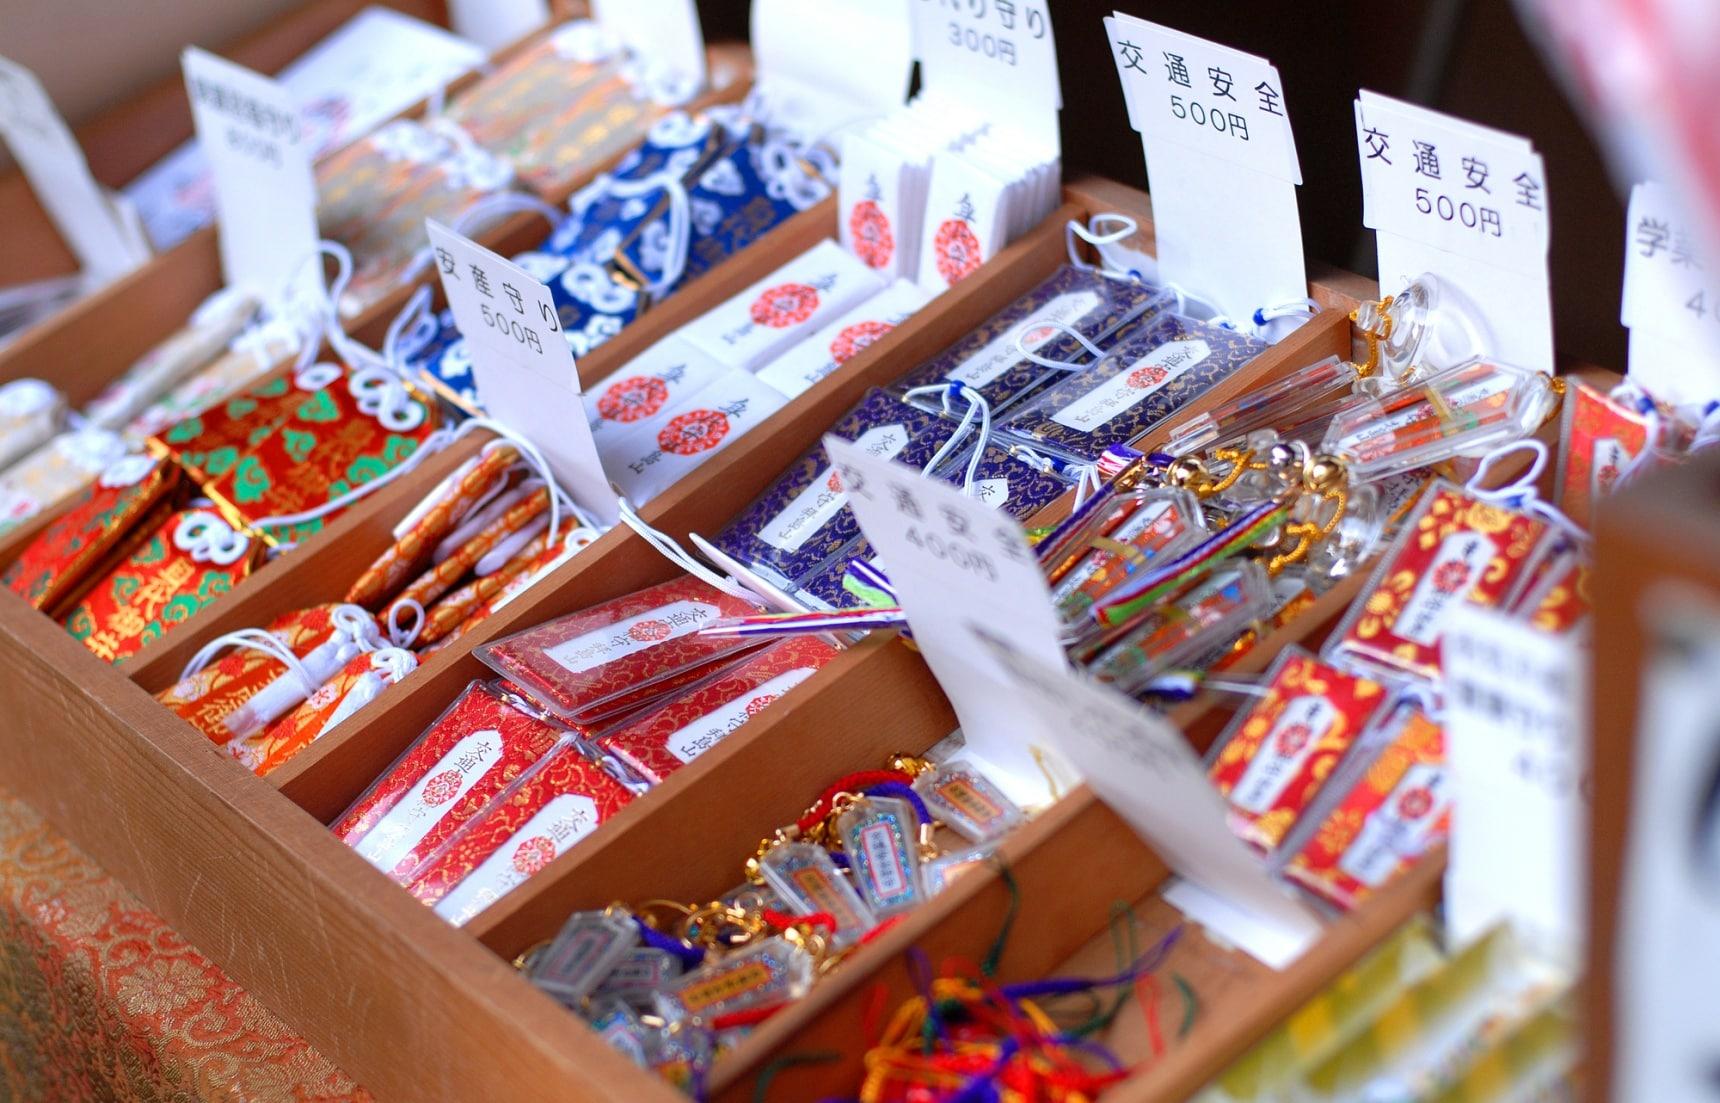 【京都自由行】到京都神社寺廟朝聖巡禮 別忘了邂逅這些小巧可愛的御守